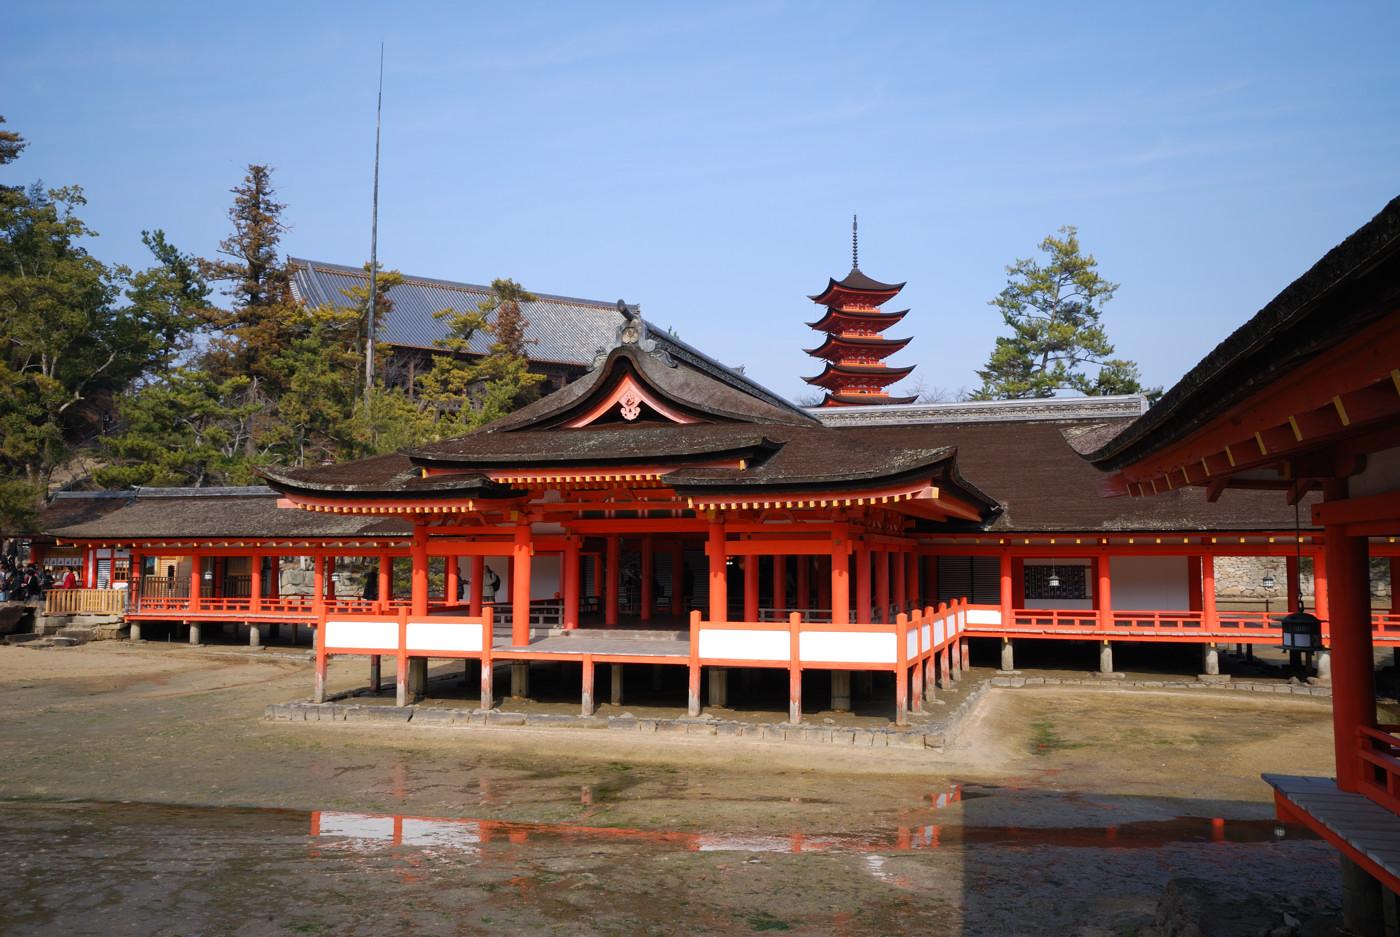 厳島神社の本殿から五重塔を20mm(30mm)で撮影